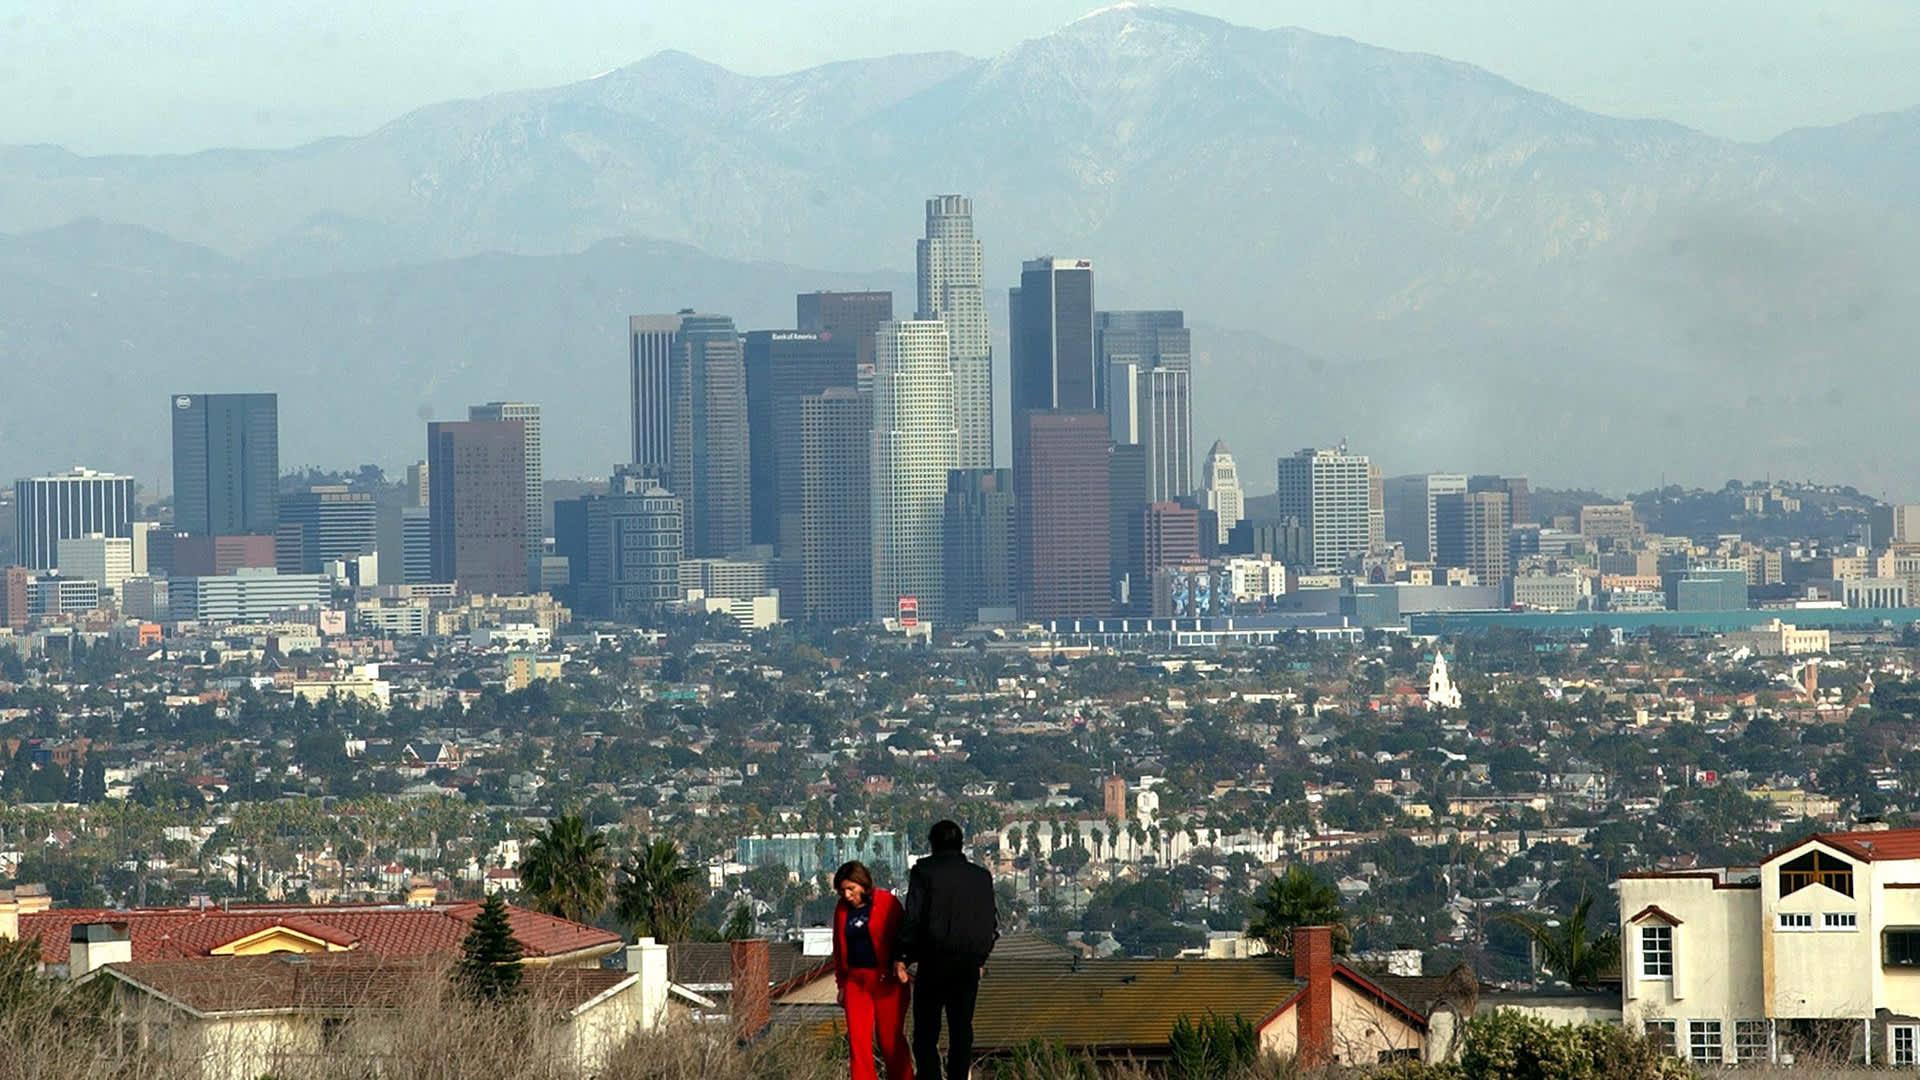 Näkymä Los Angelesista, Yhdysvalloista.